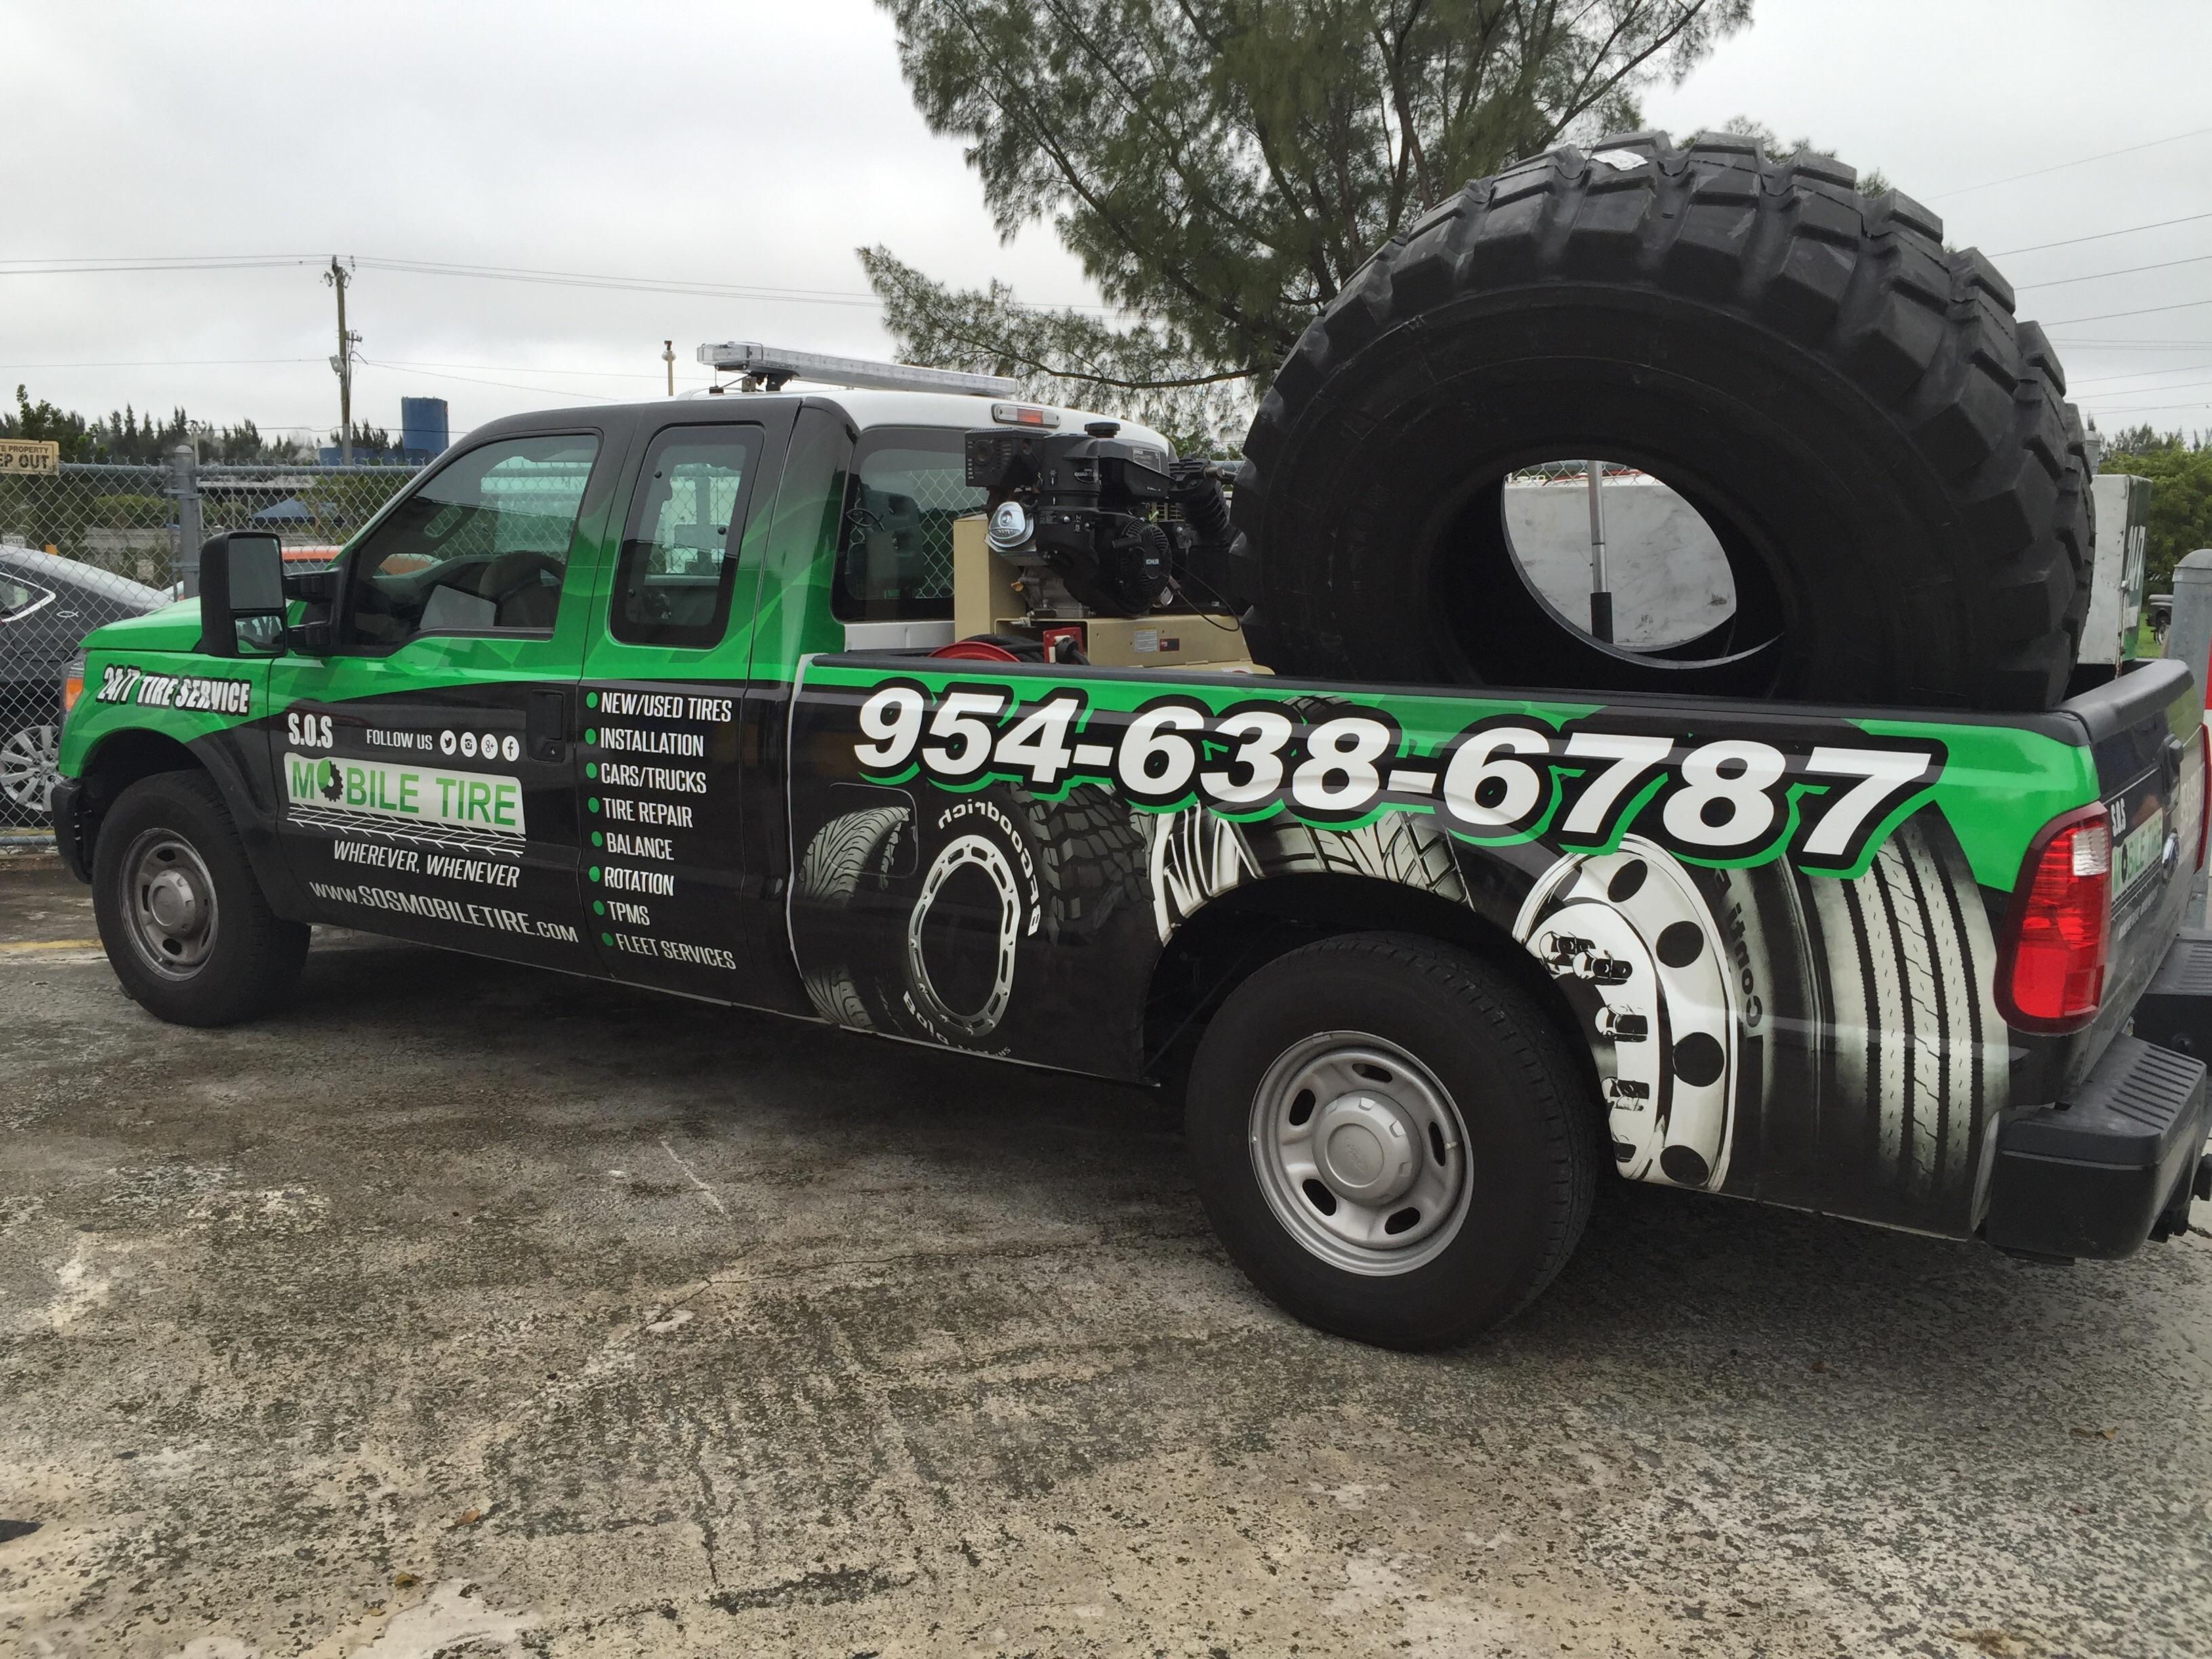 S.O.S Mobile Tire Repair image 3